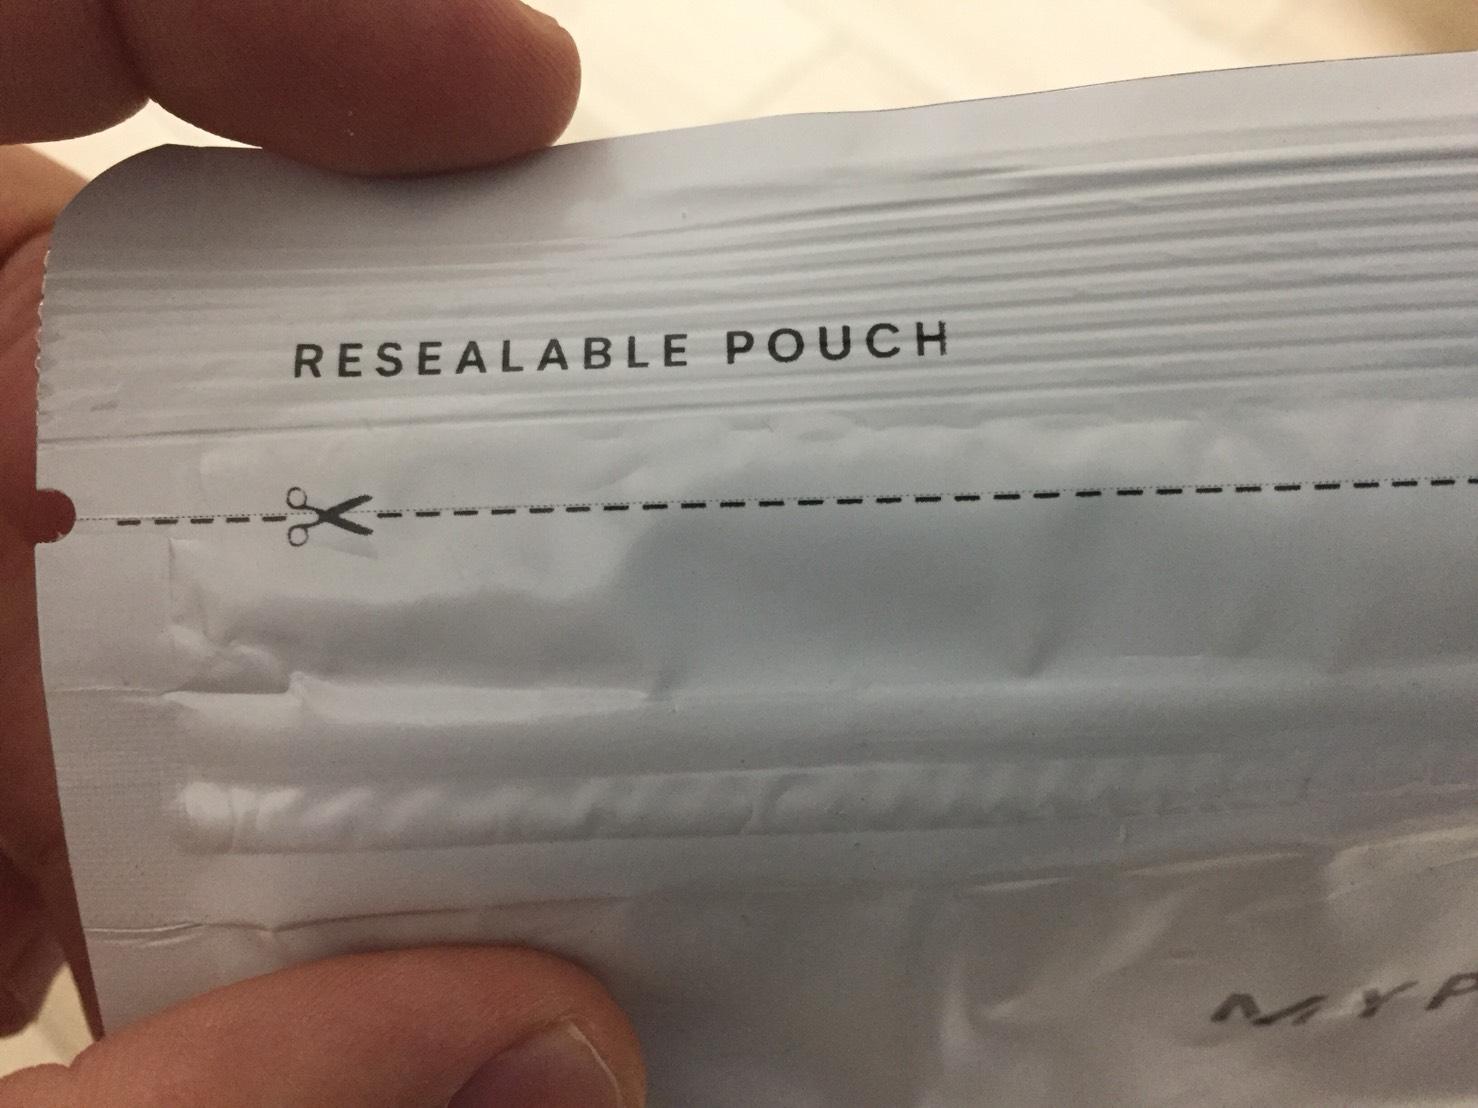 新パッケージの開封部分の様子